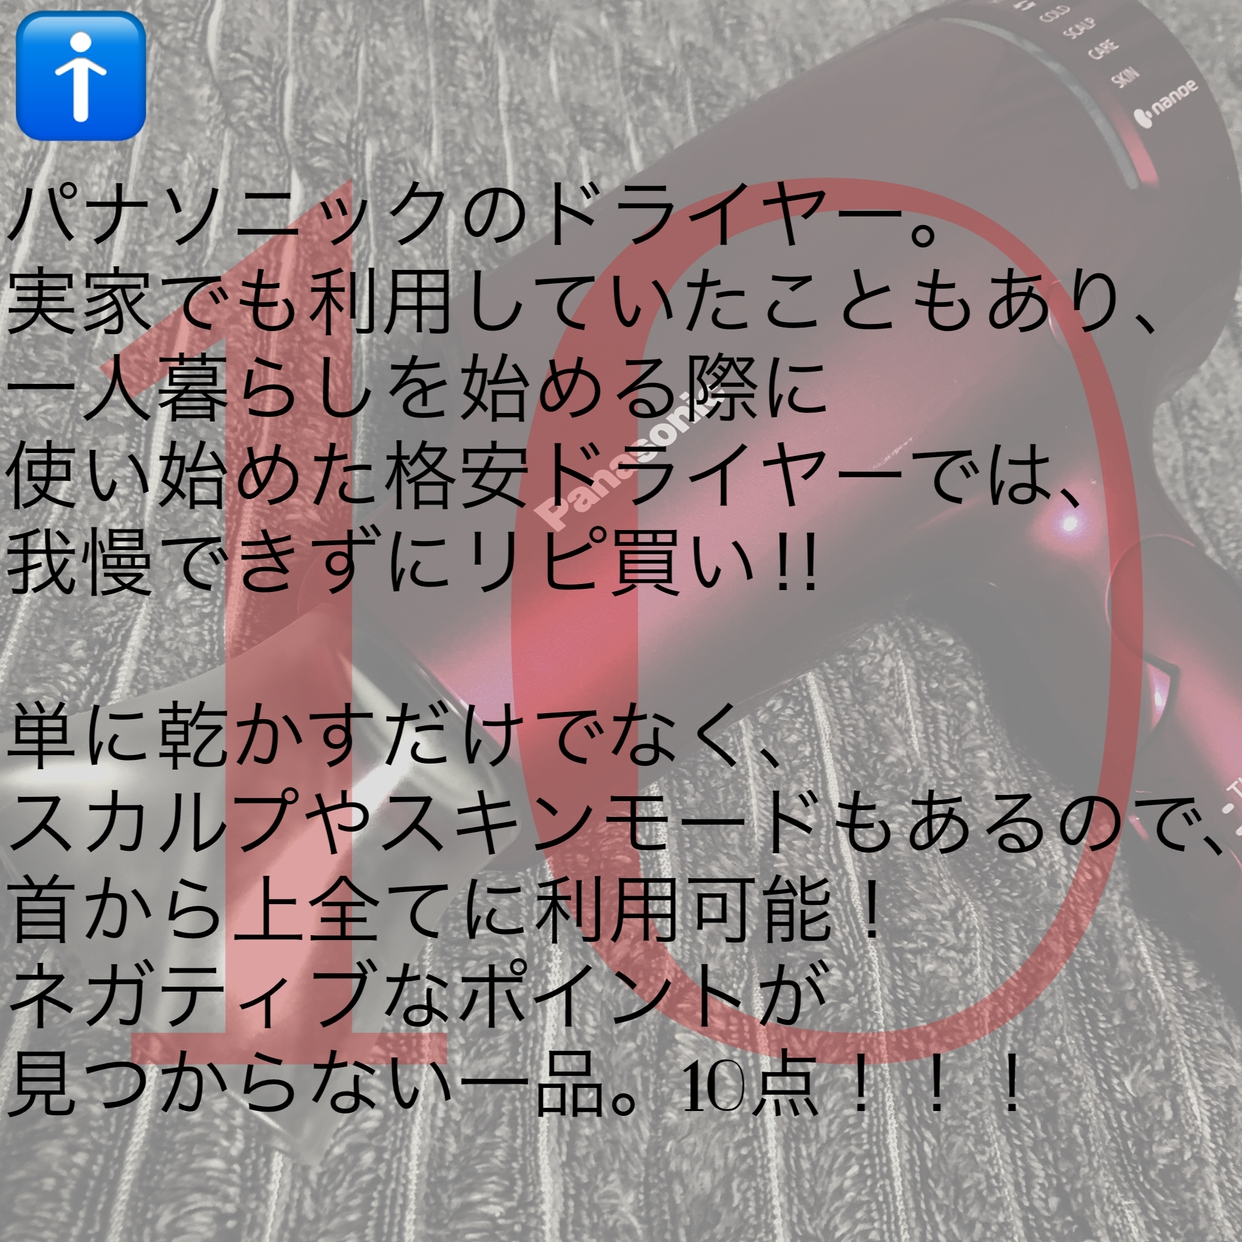 Panasonic(パナソニック)ヘアードライヤー ナノケア EH-NA0Bを使ったnono_yuki_chowさんのクチコミ画像2